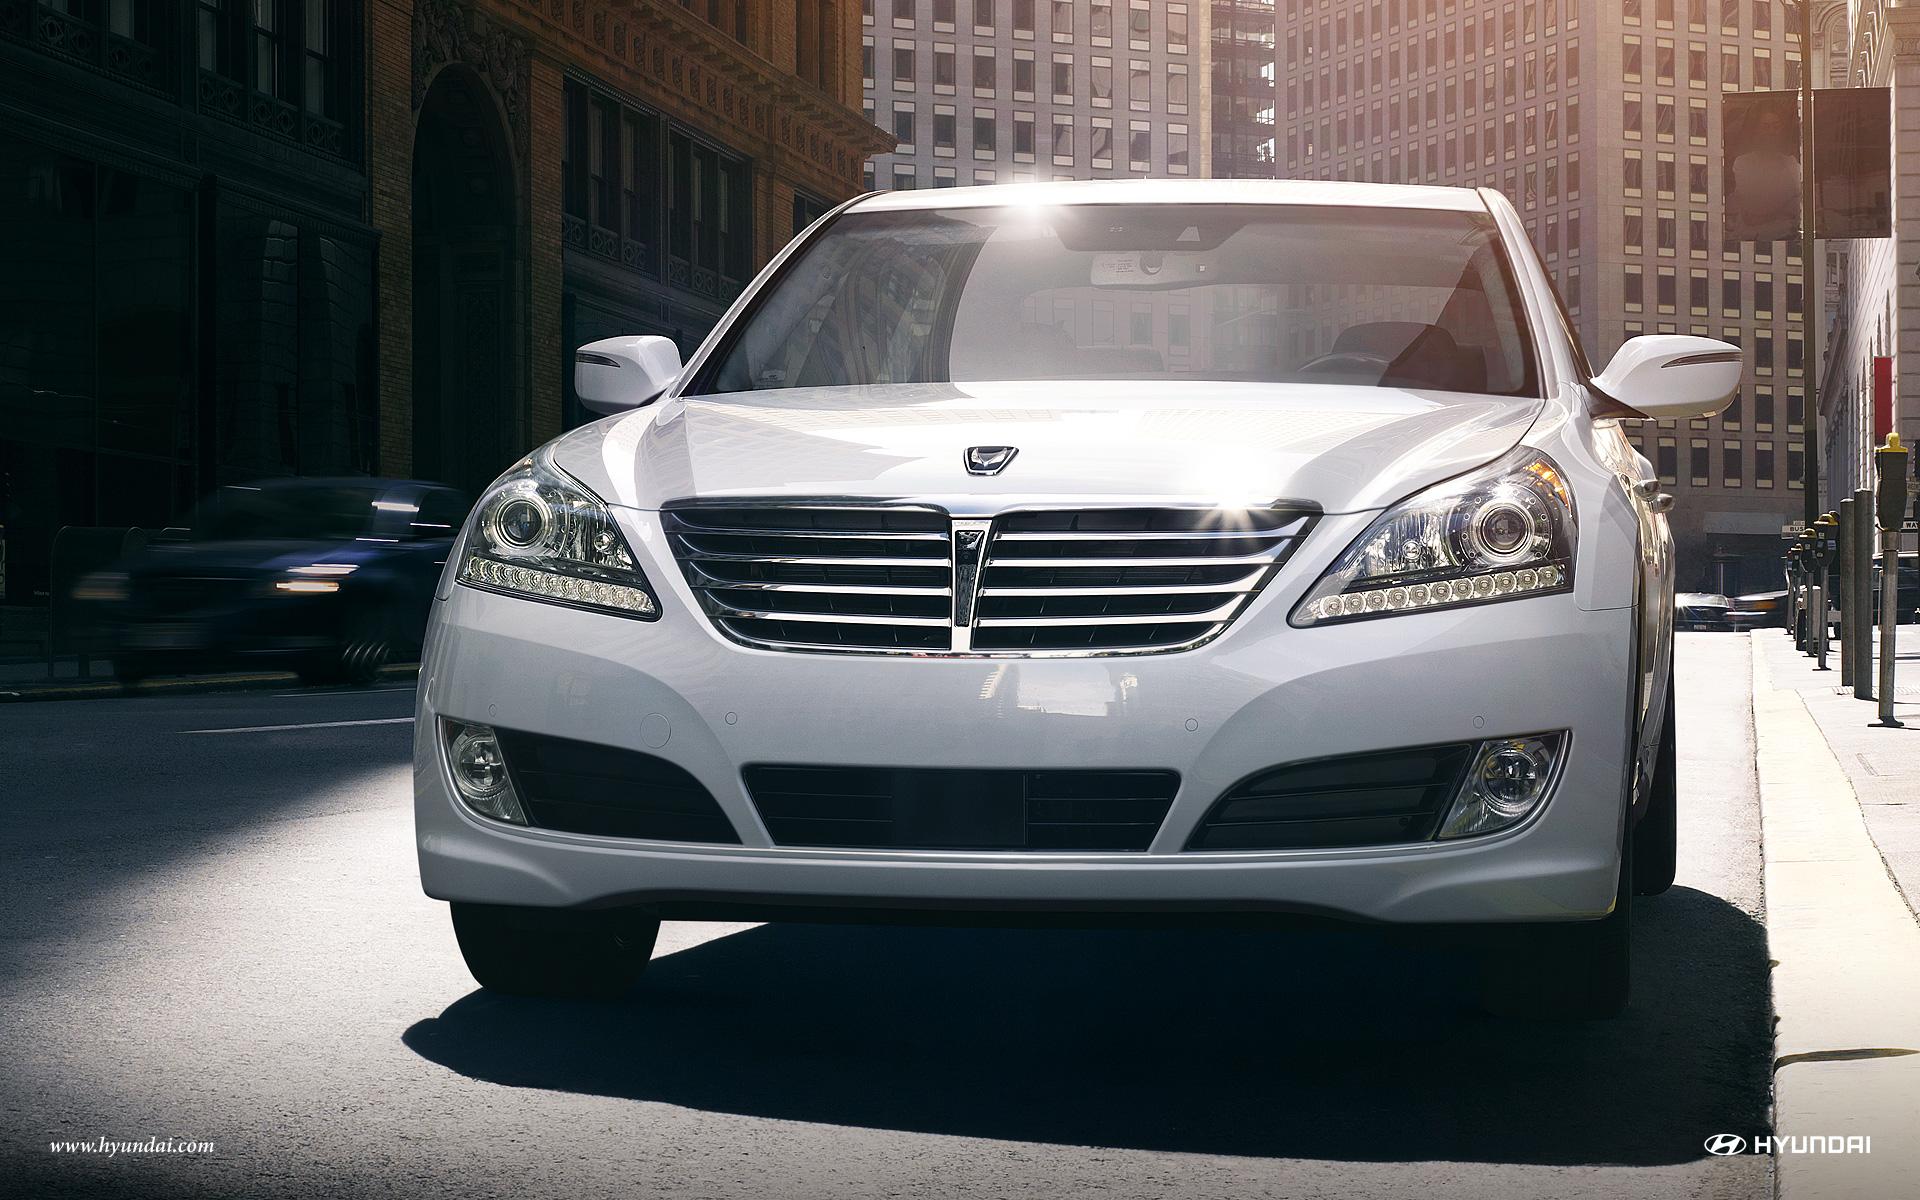 2014 Hyundai Equus – Review